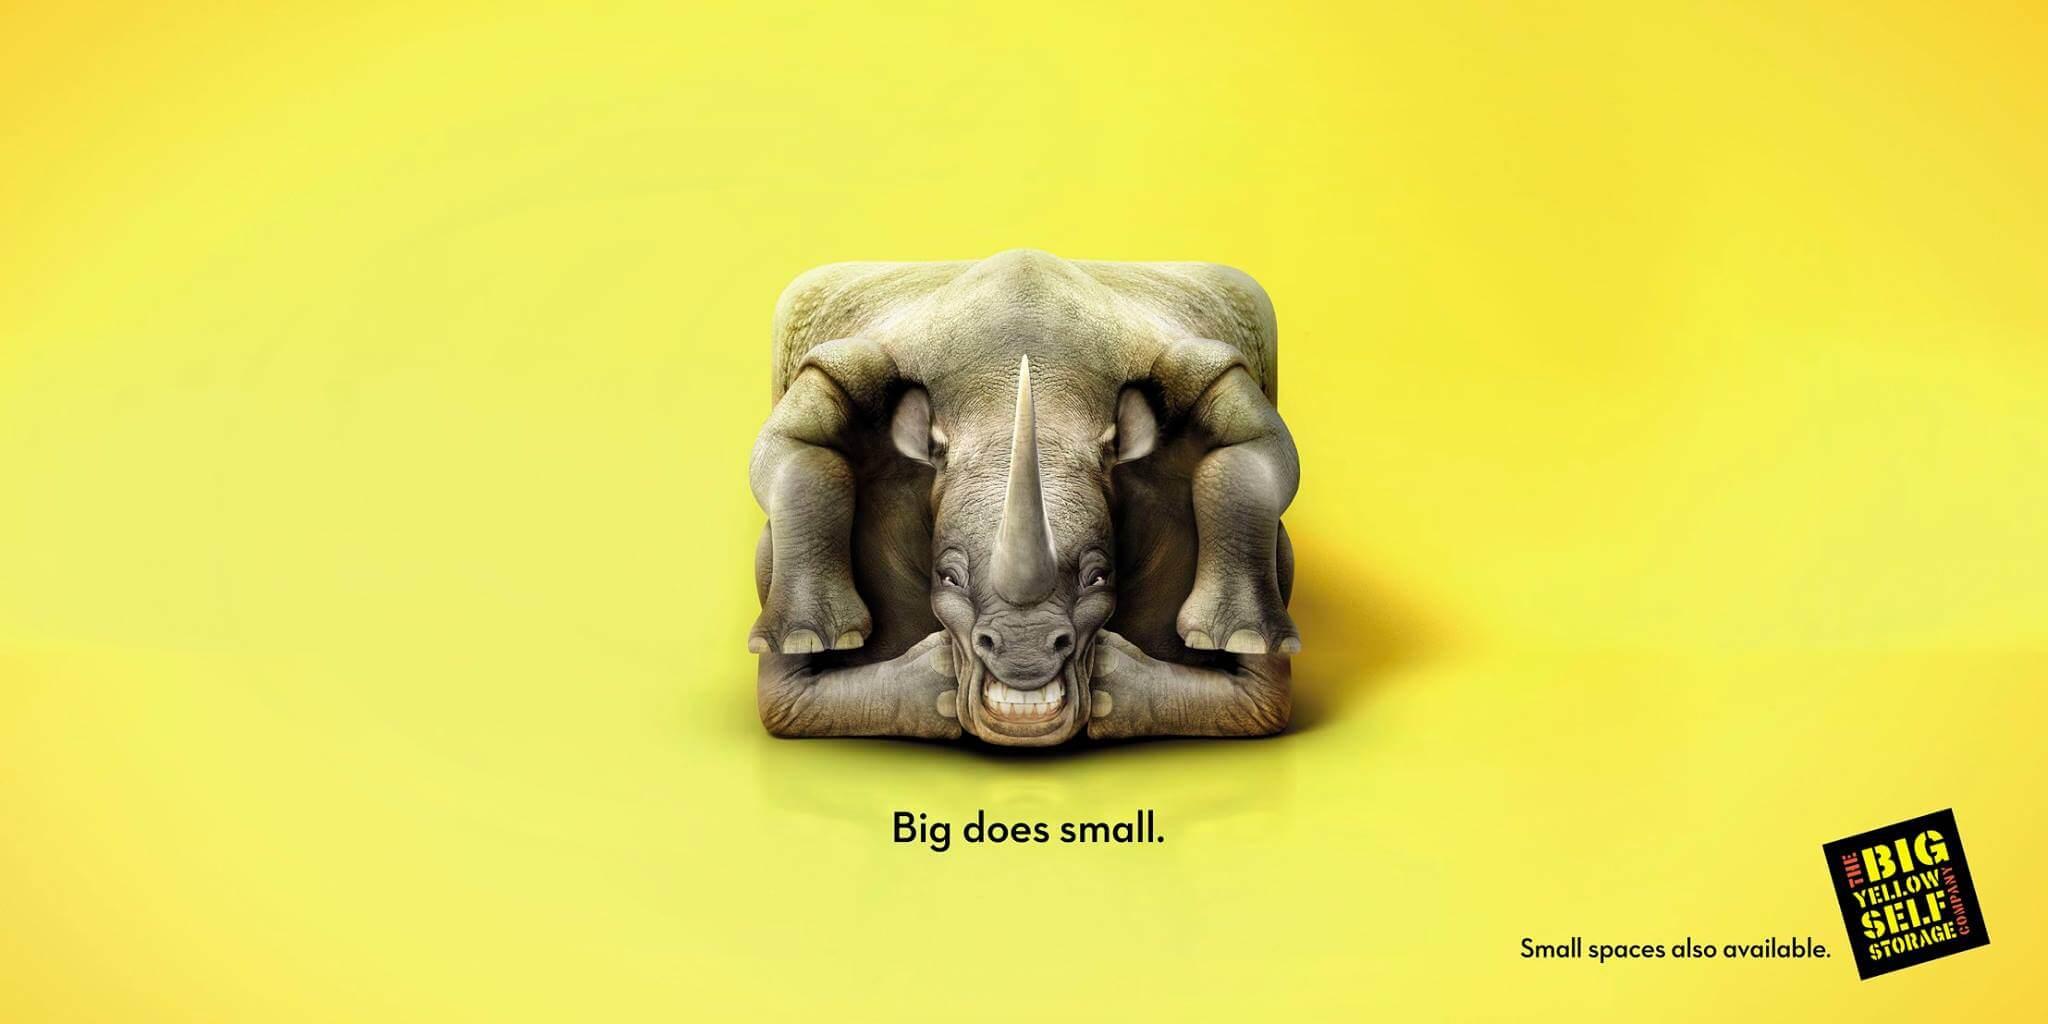 #CuandoLaPublicidad: Es enormemente pequeña.